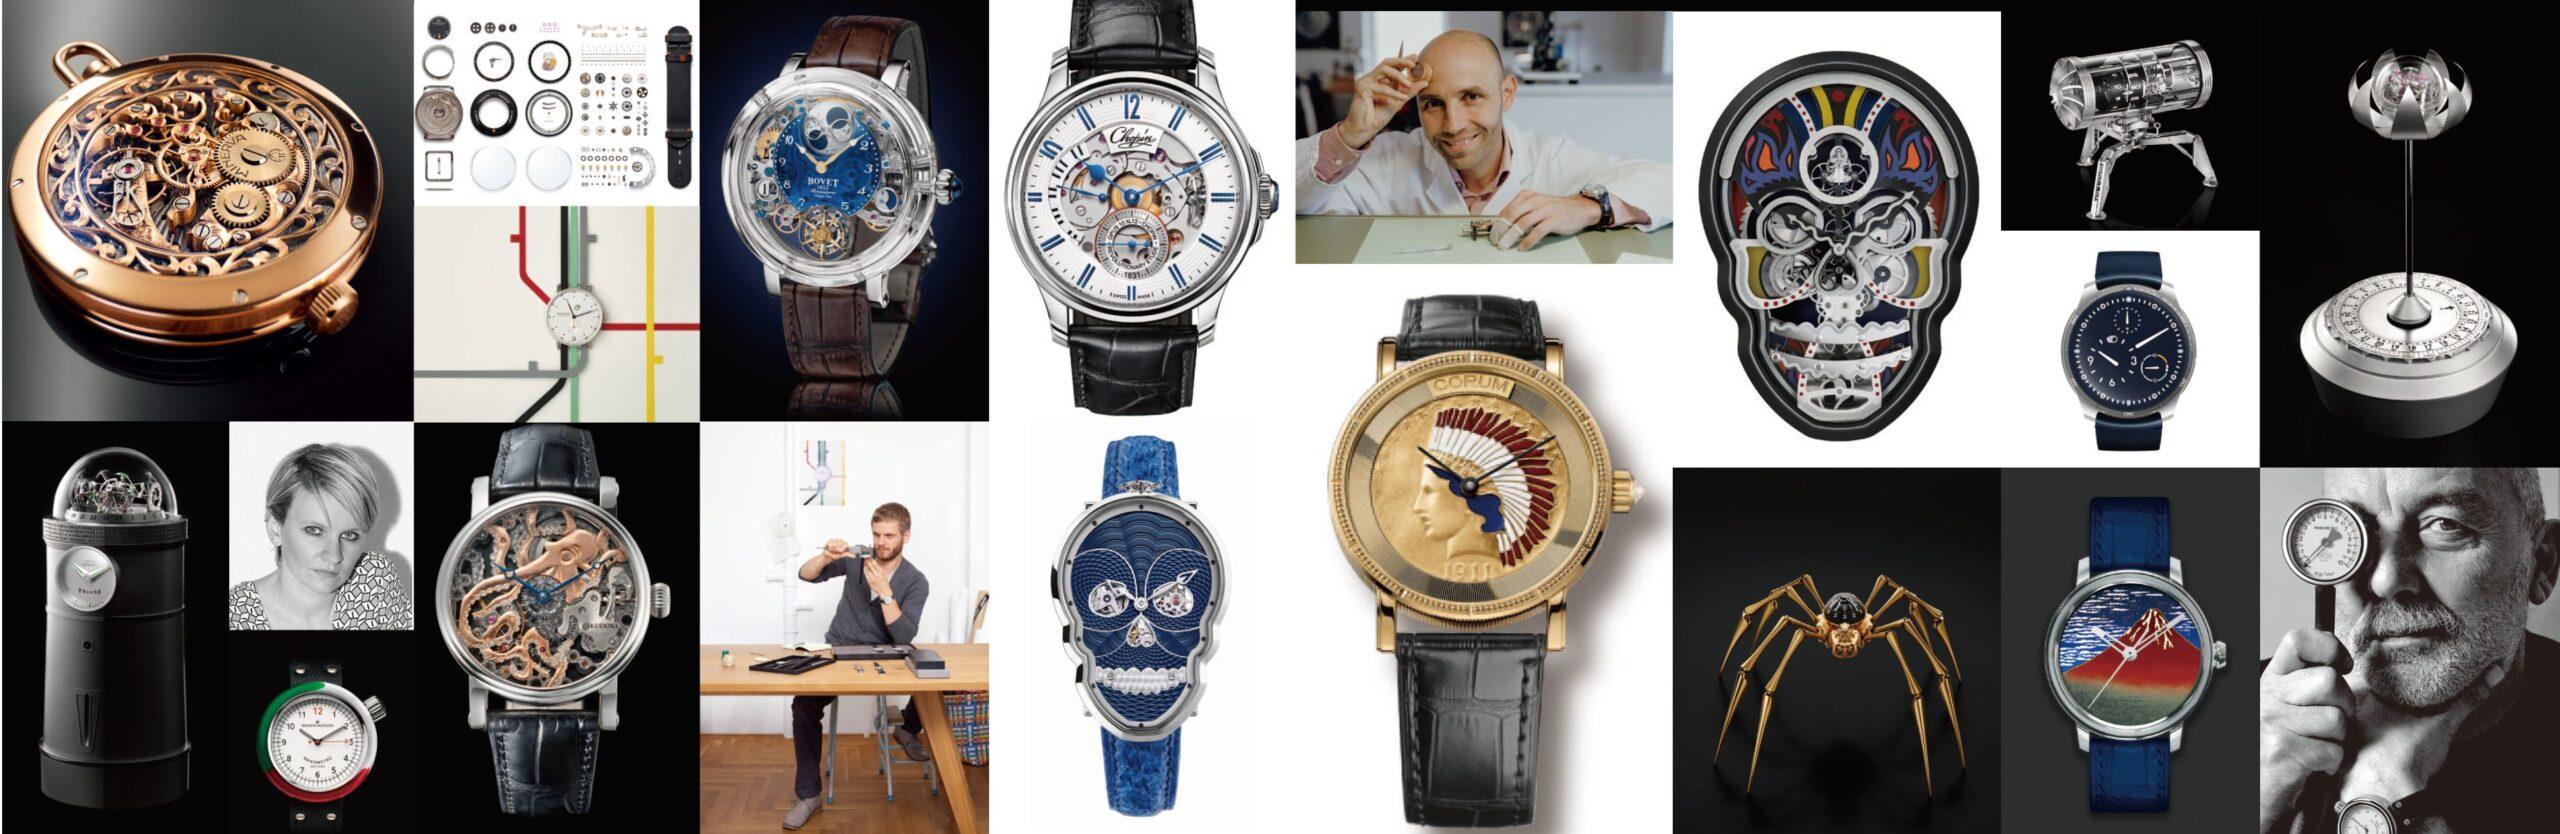 日本橋三越店 Selected by Shellman Arts and Crafts watches and Clocks